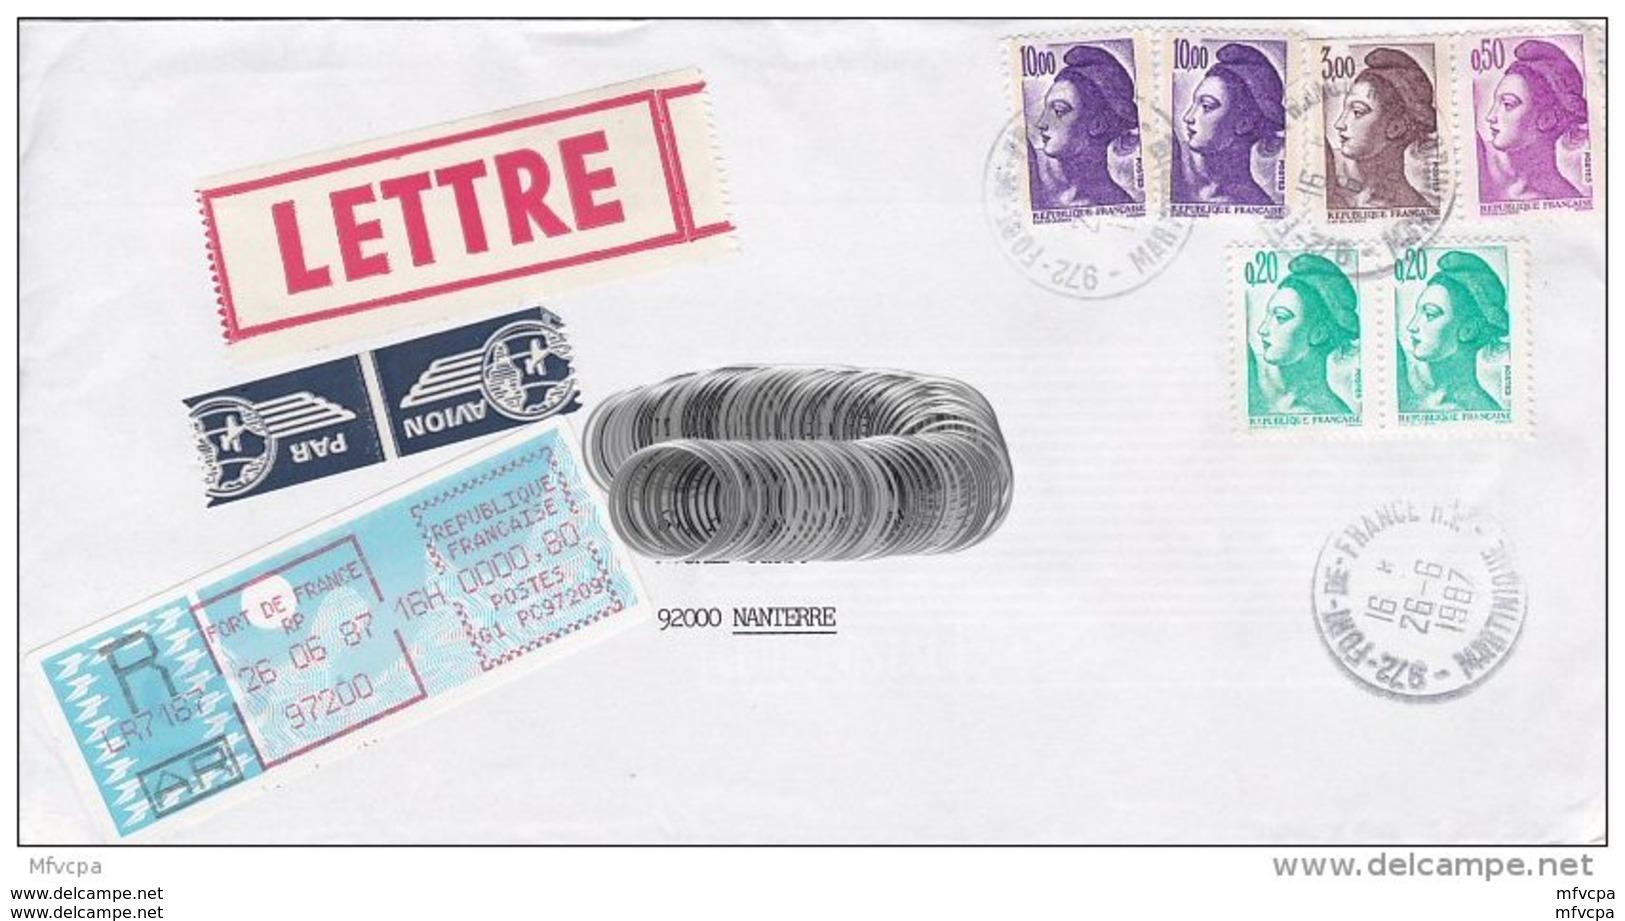 L4J203 Lettre PA Recommandée  AR 24,70f  Fort De France Pour Nanterre  26 06 1987/ Env. - 1982-90 Liberté De Gandon